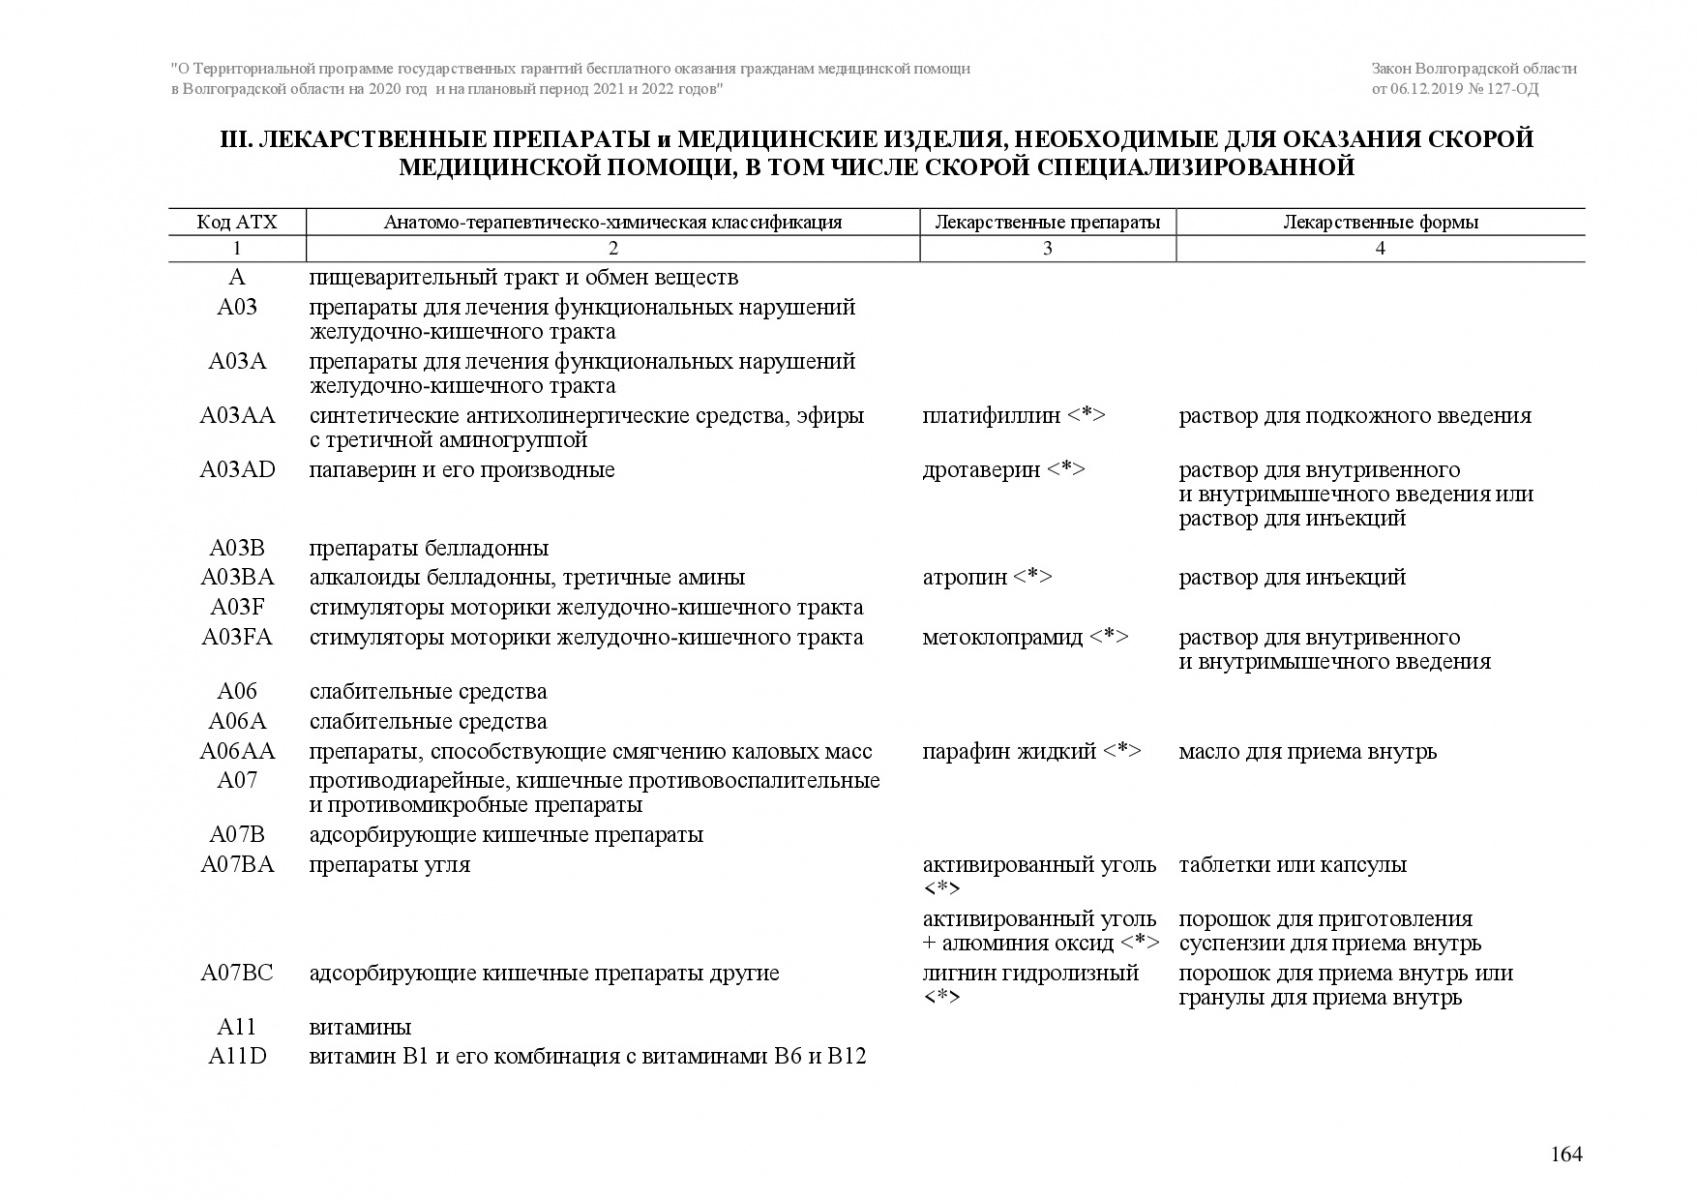 Zakon-VO-127-OD-ot-6_12_2019-TPGG-164